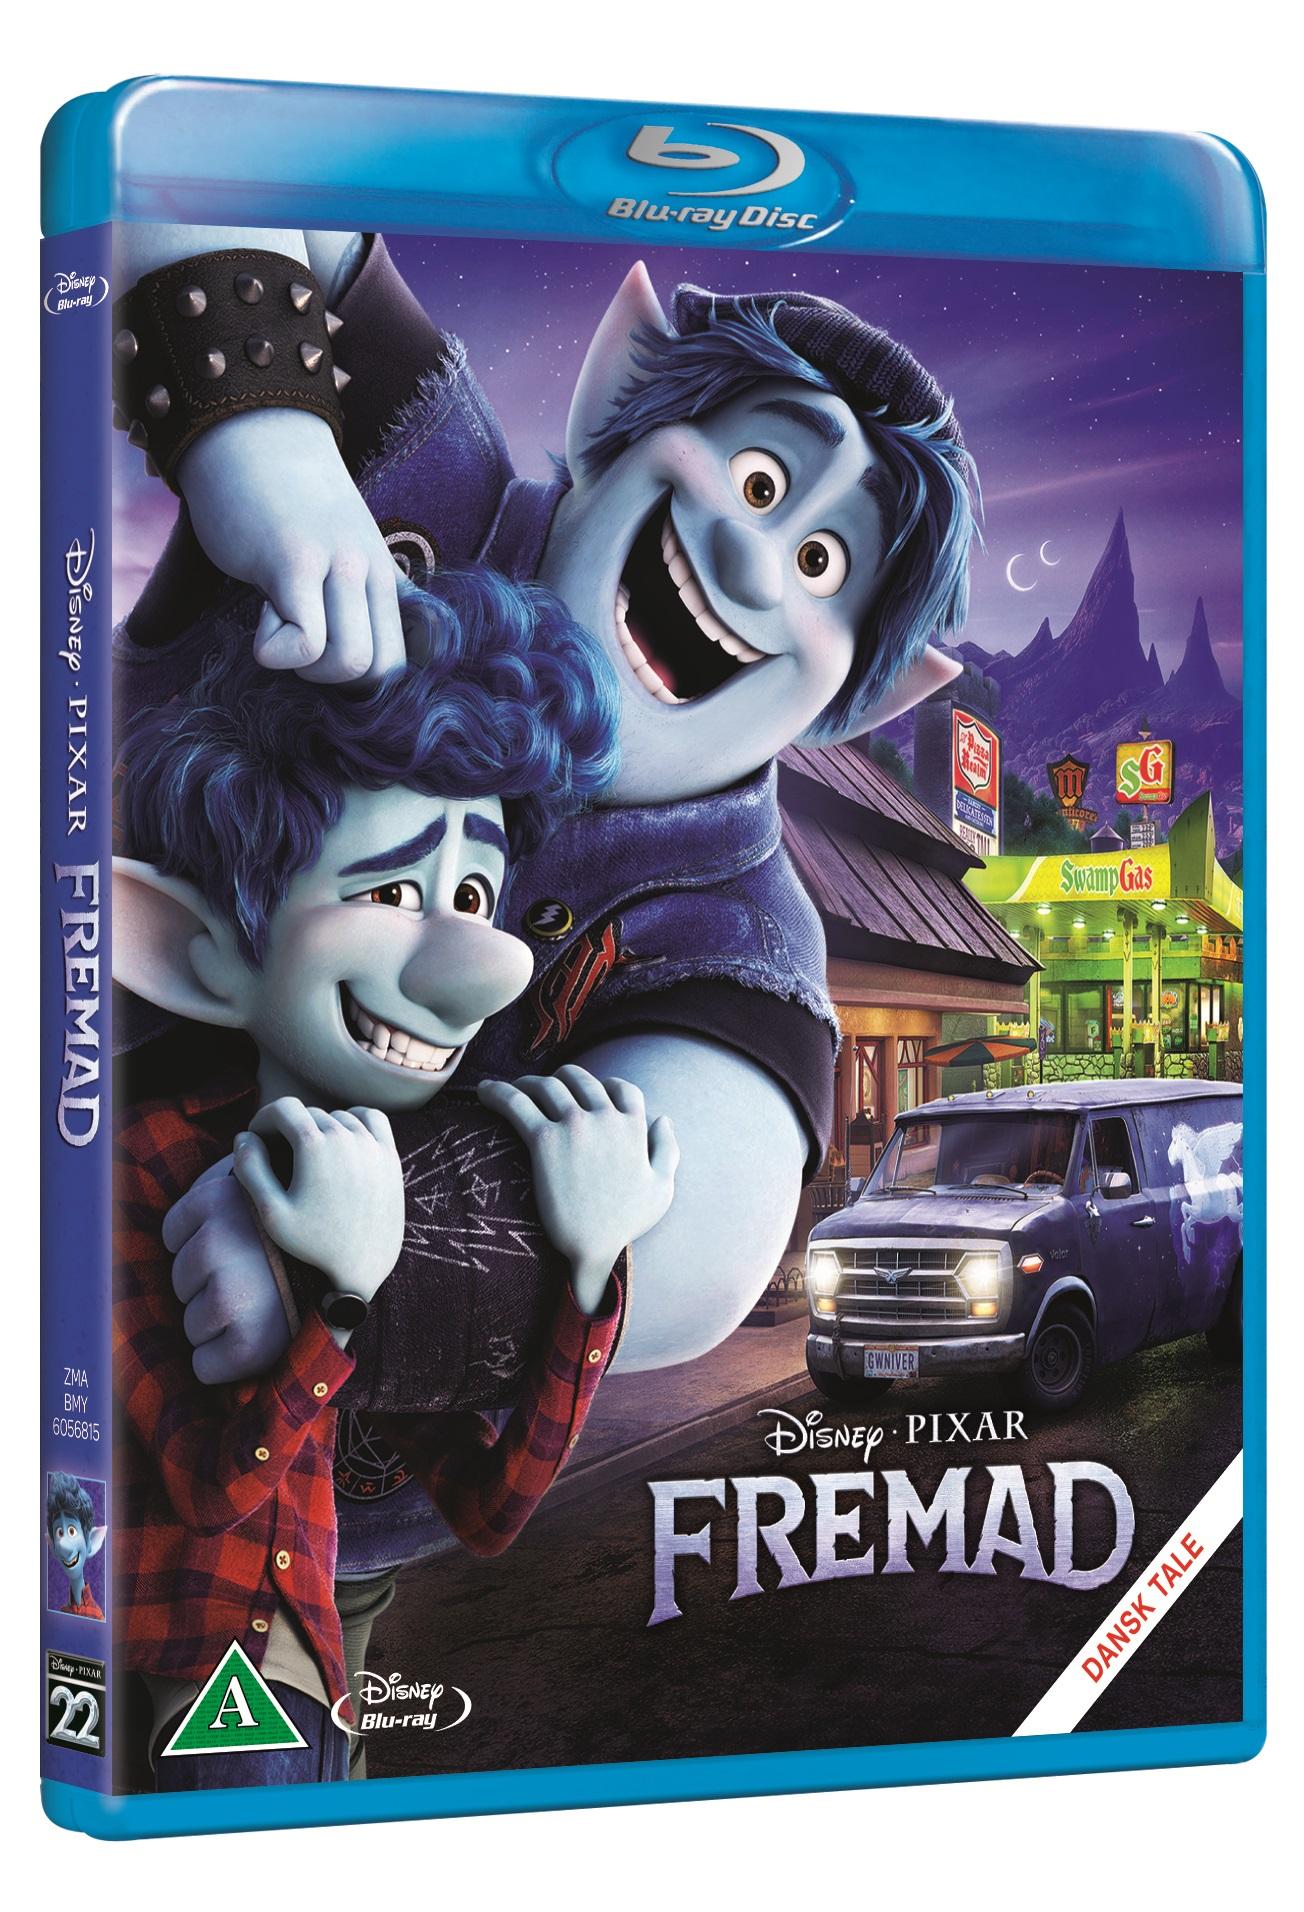 Fremad (Onward) -  - Film -  - 8717418564094 - 6/7-2020